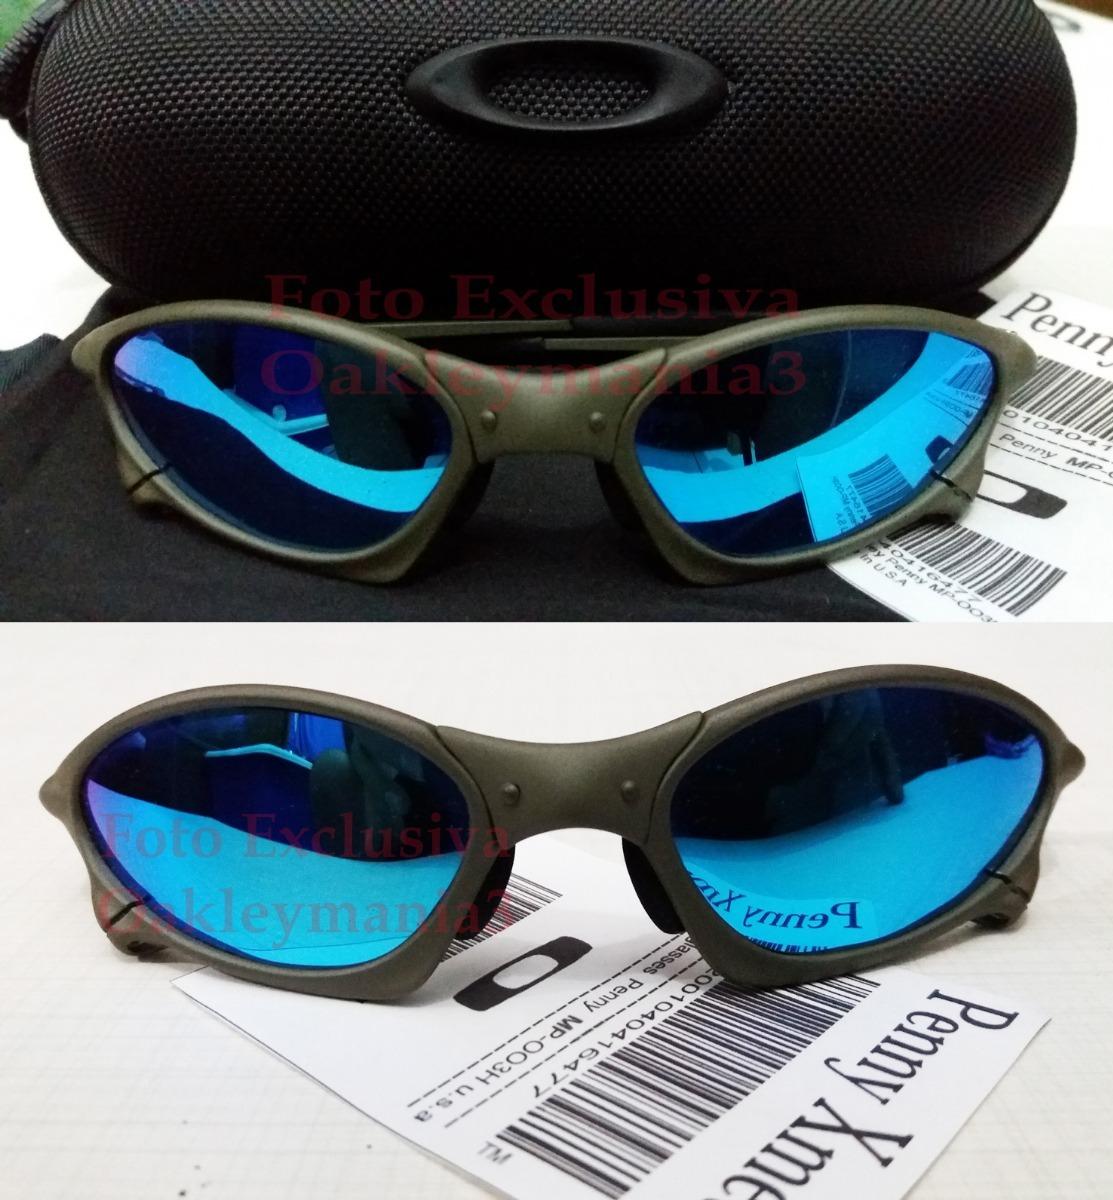 oculos penny xmetal lente azul ice thug polarizada +case usa. Carregando  zoom. d9306c35aa